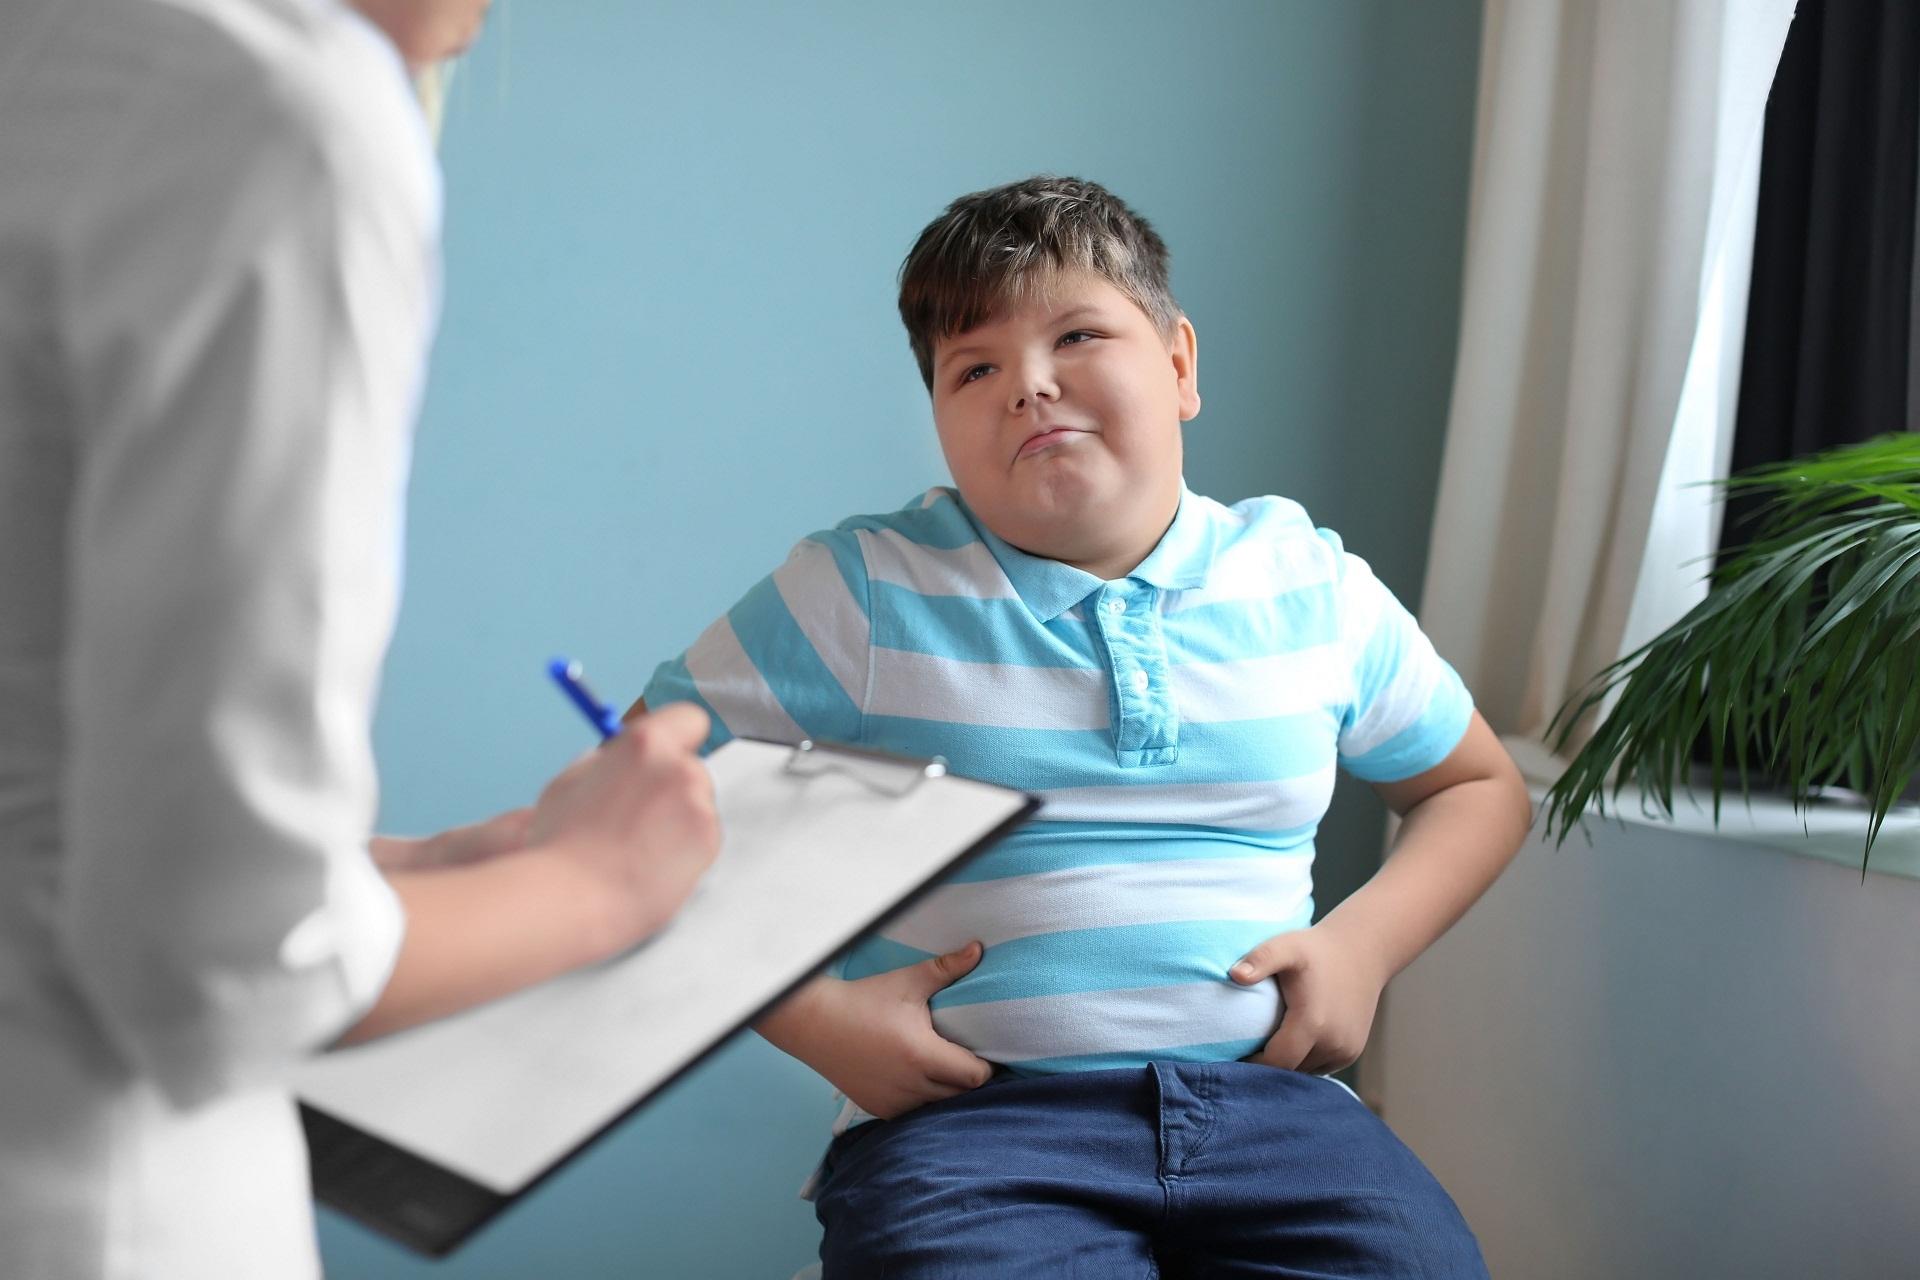 Síndrome de Prader-Willi, obesidade, deficiência intelectual, compulsão alimentar, birra, hipotonia, mãos e pés pequenos, diabetes tipo 2